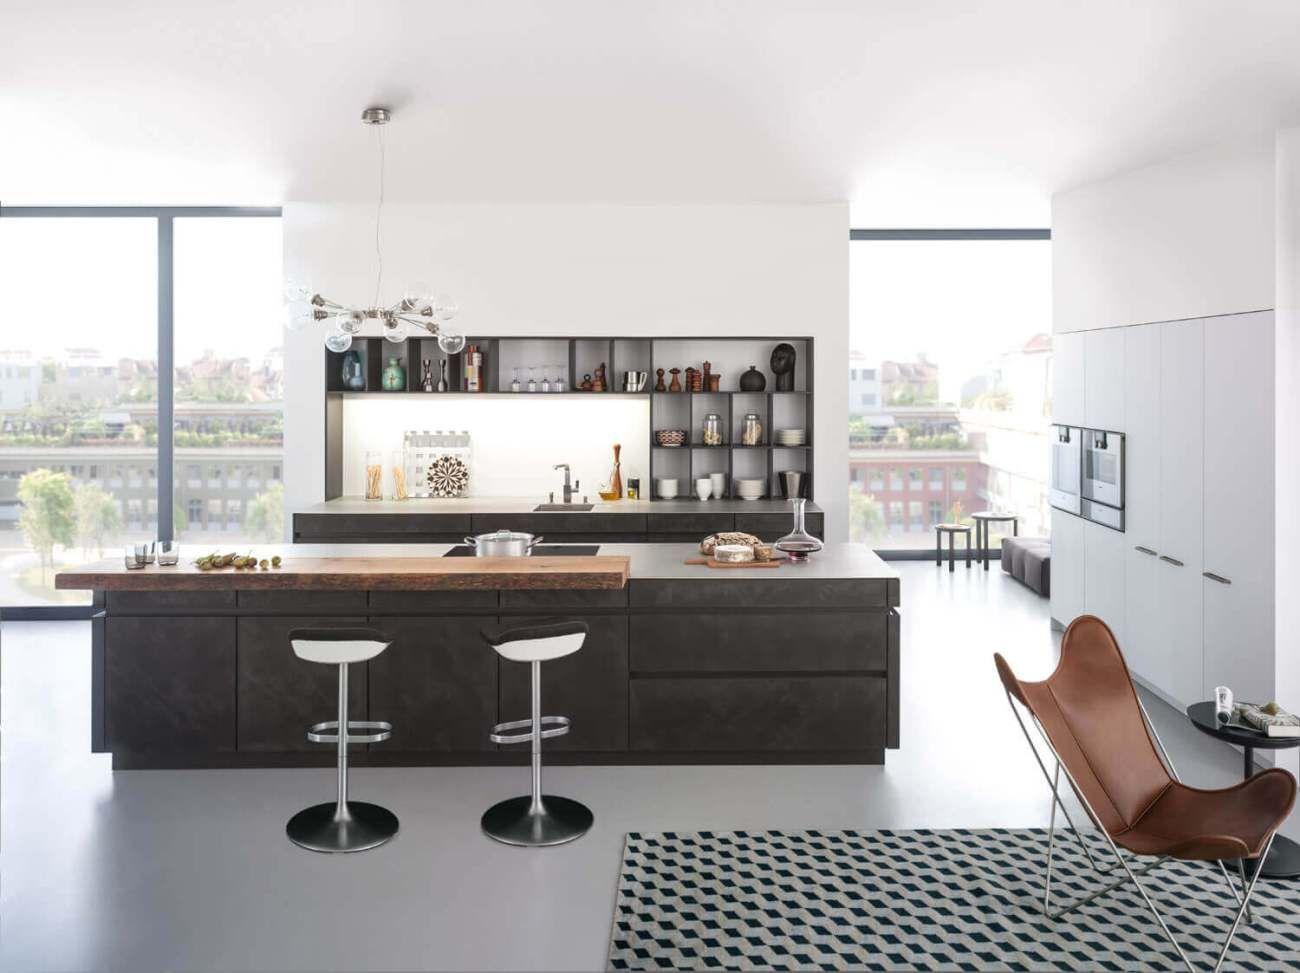 2 kücheninsel-ideen betonküchen  ideen und inspirierende bilder für deine